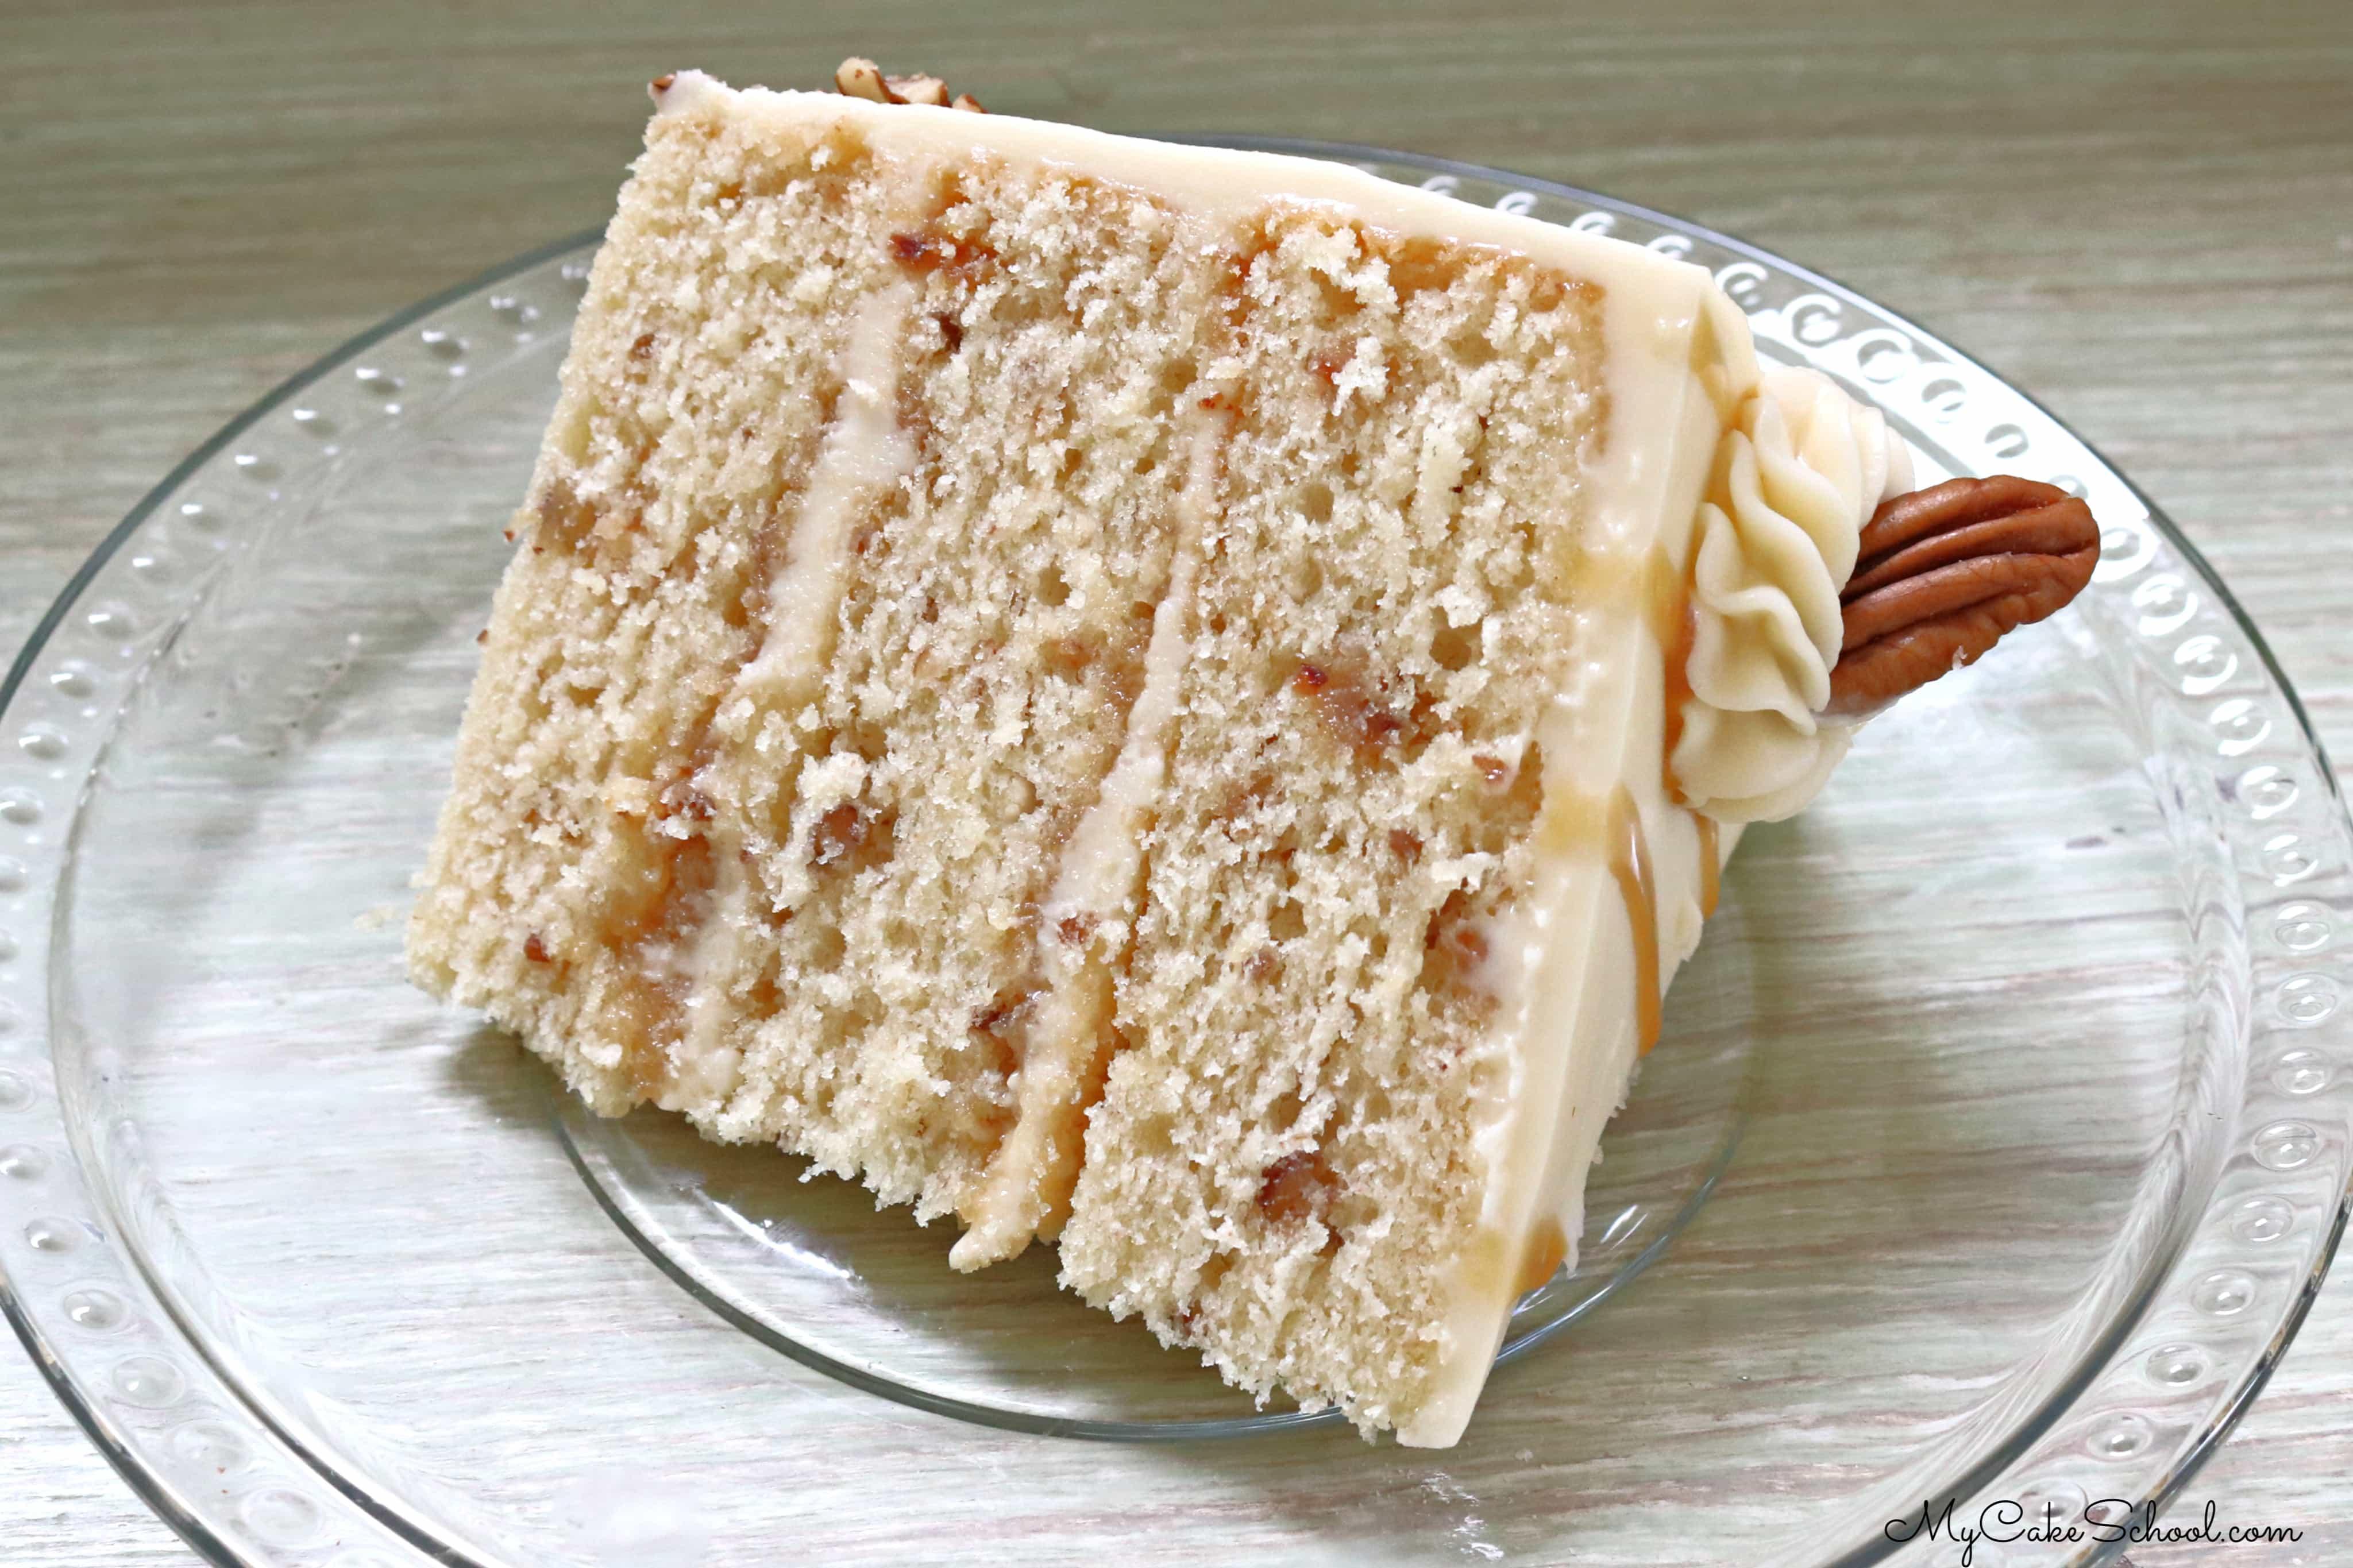 Toffee Pecan Caramel Cake Recipe